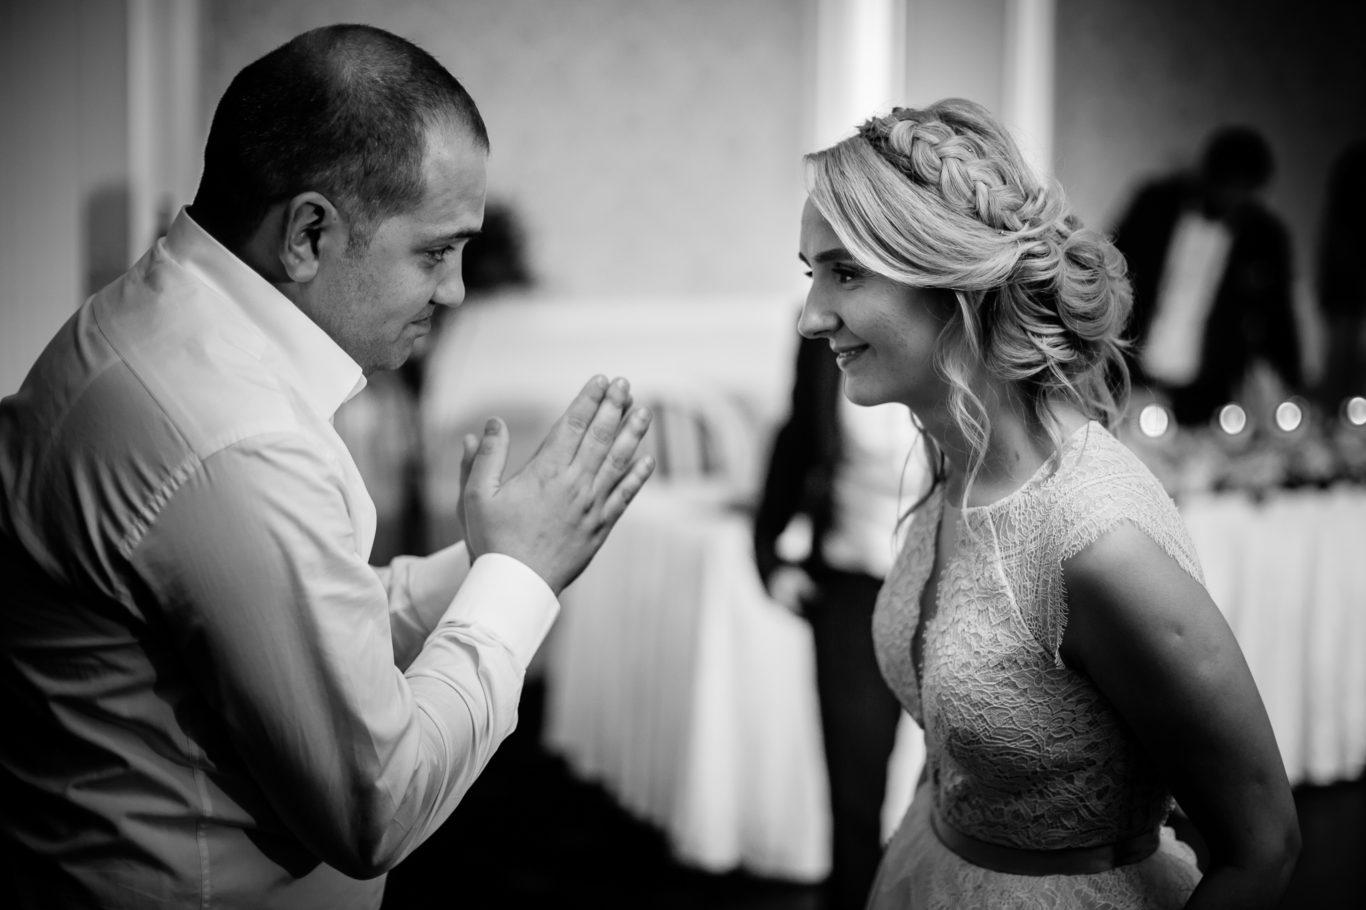 1071-Fotografie-nunta-Mirela-Iulian-fotograf-Ciprian-Dumitrescu-DCF_8303